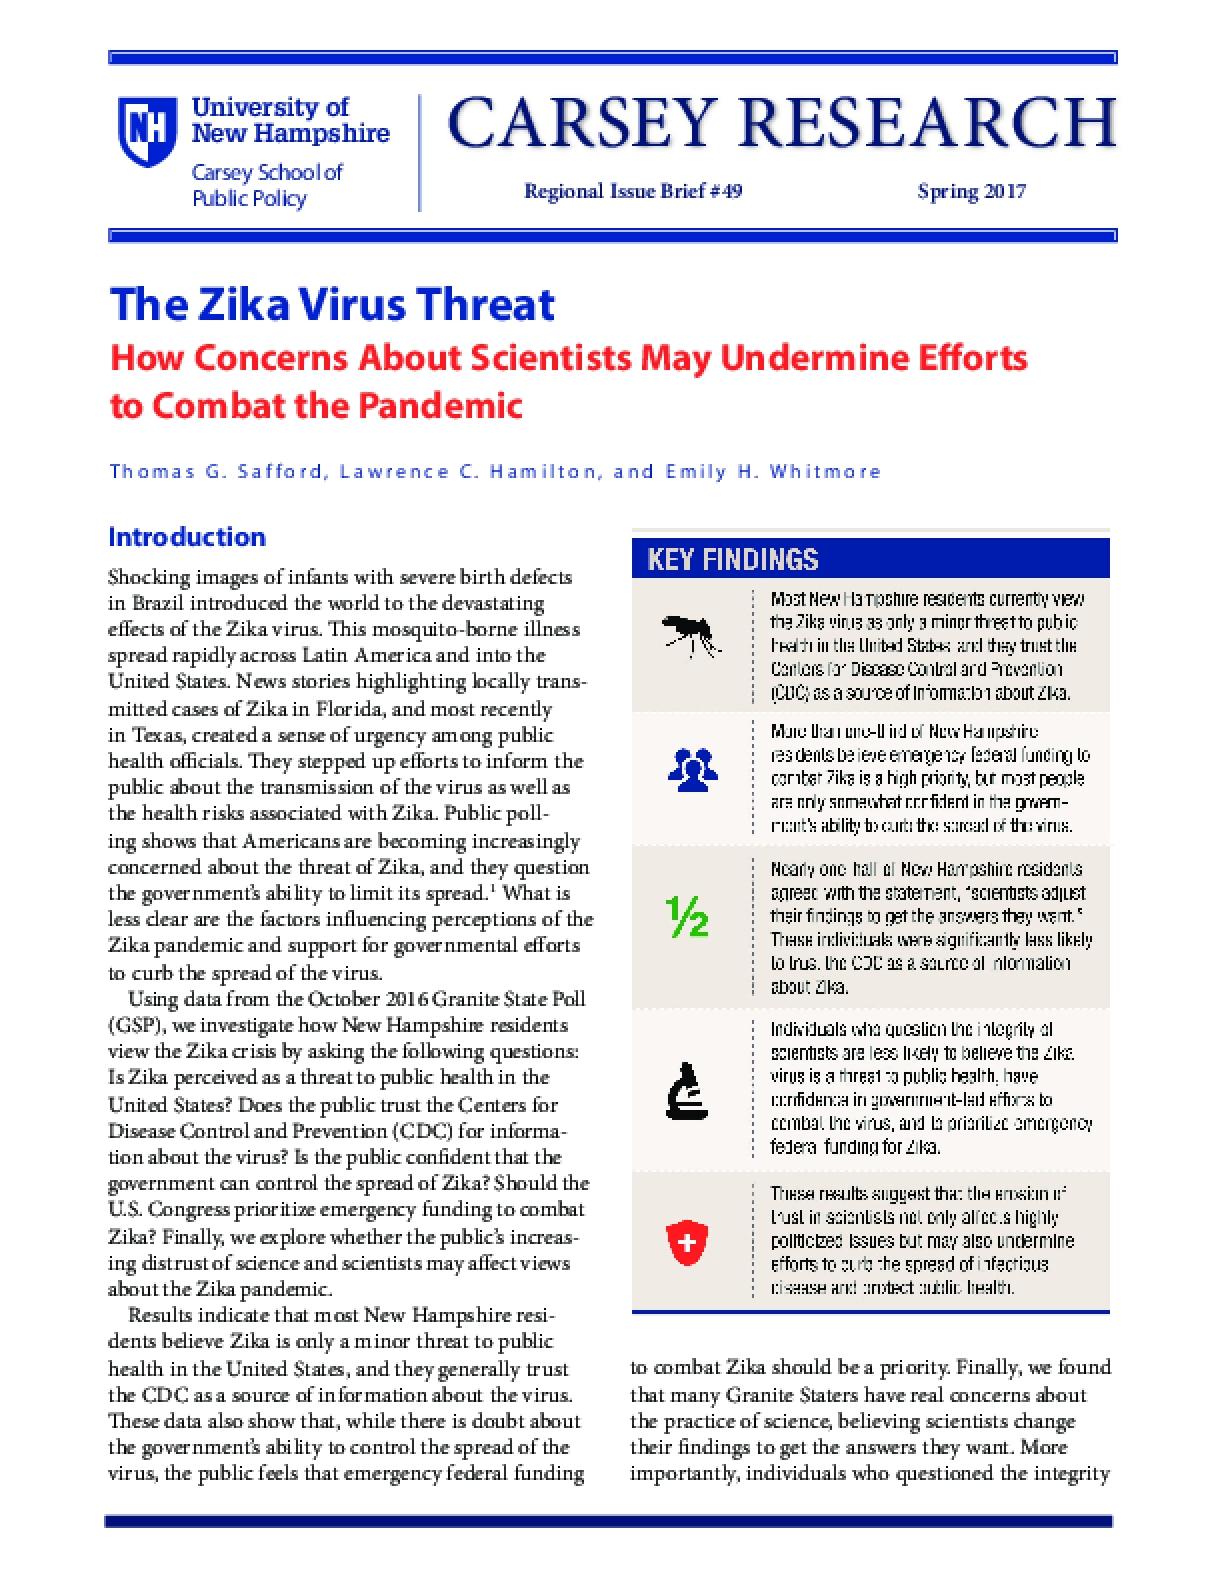 The Zika Virus Threat